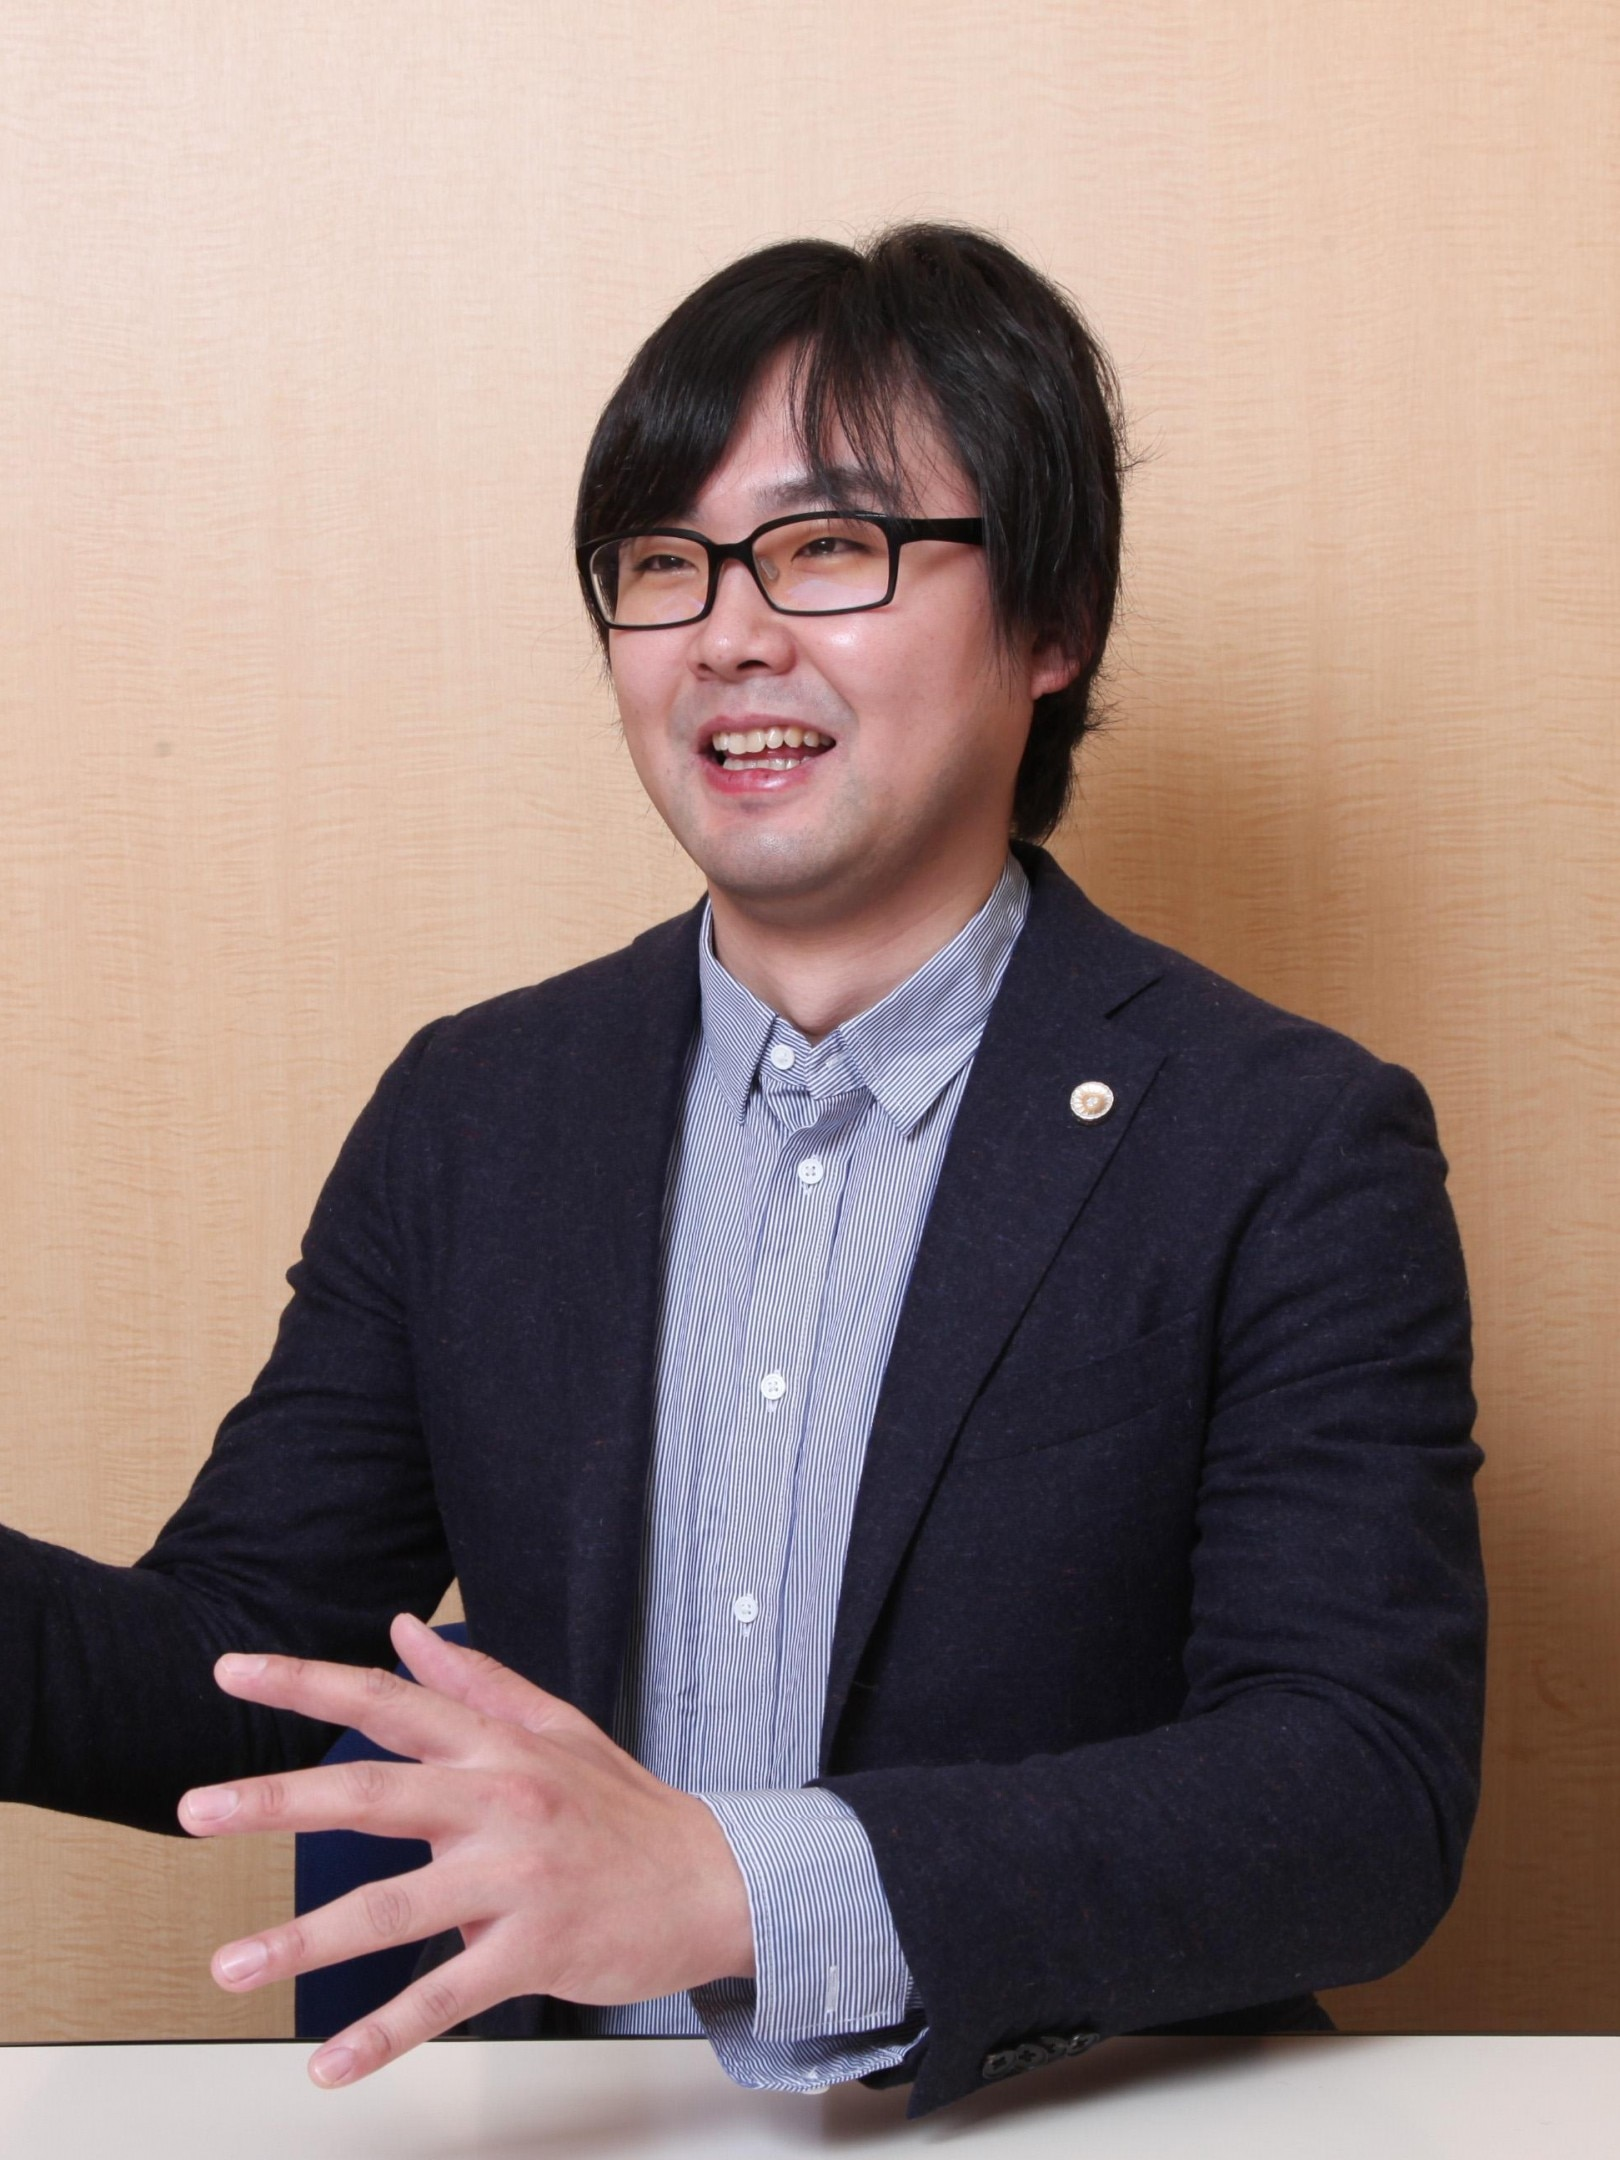 田村 優介